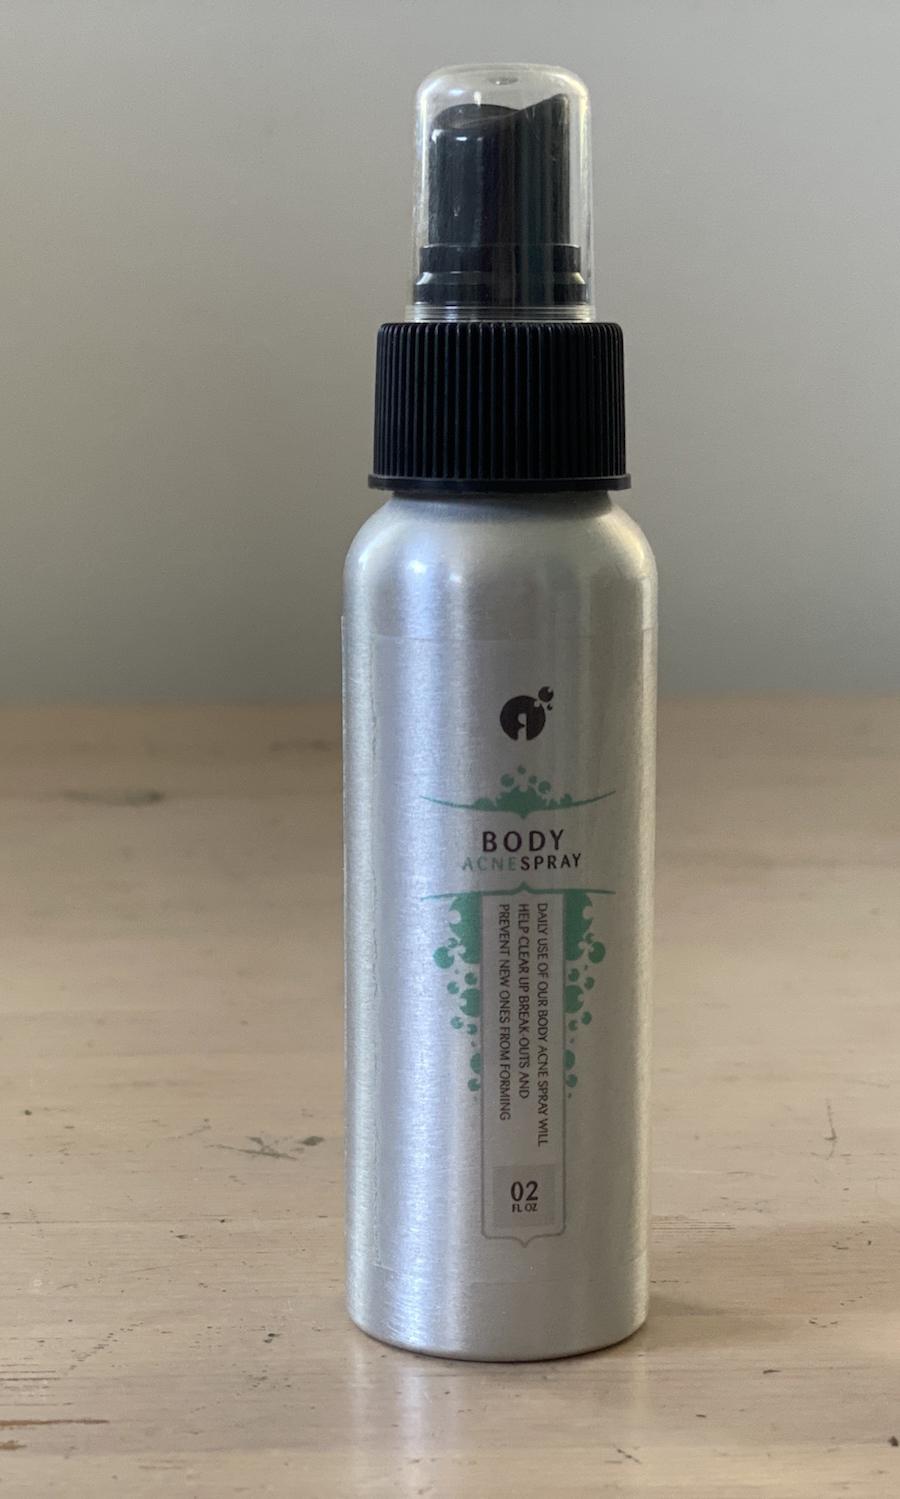 Acne Spray by Reverta